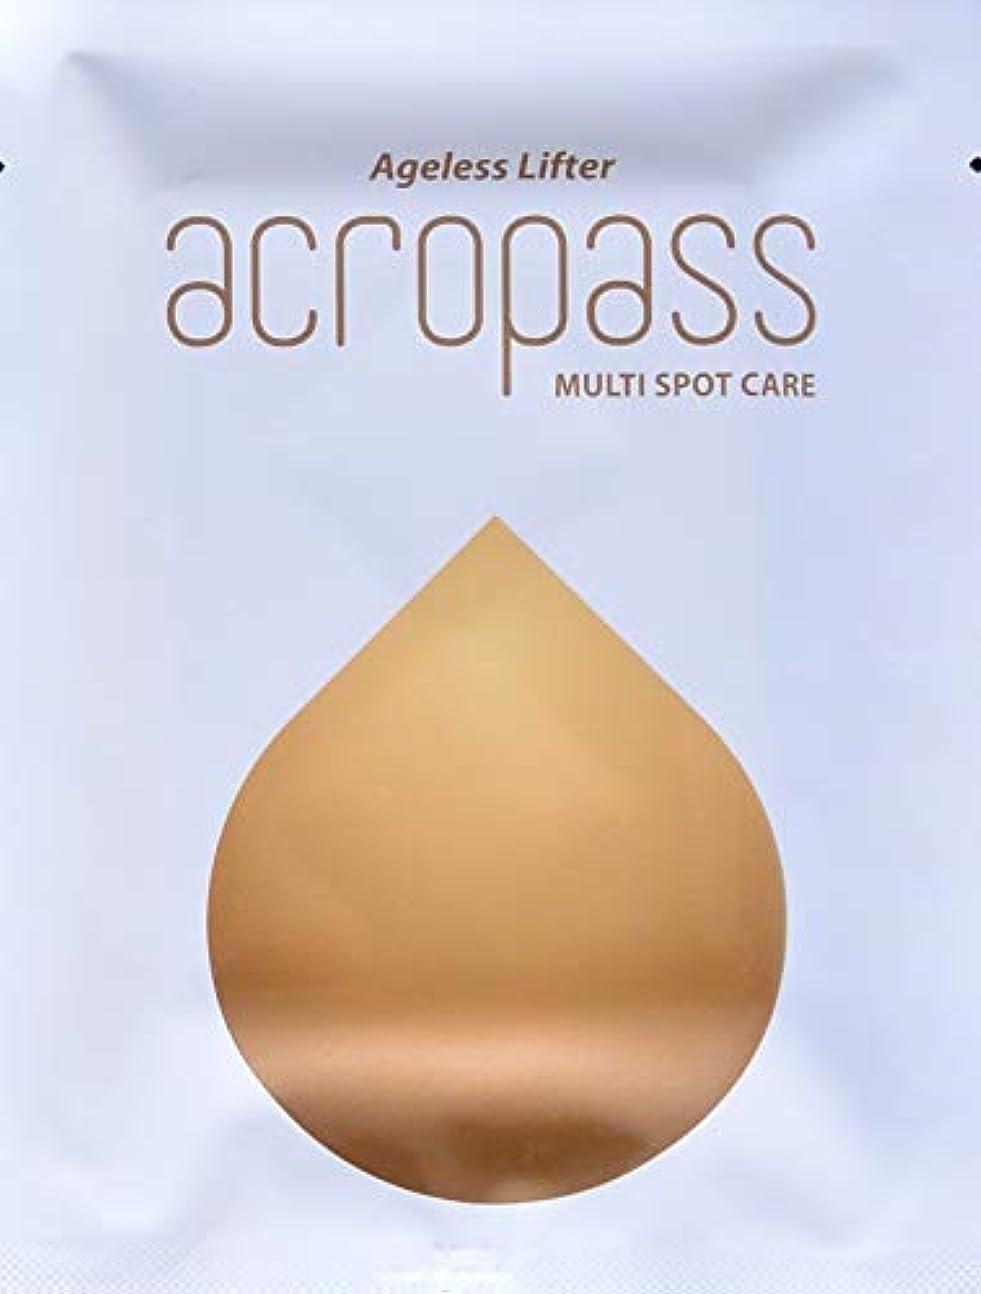 同化するサンドイッチ無心★アクロパス マルチスポットケア★ 1パウチ(2枚入り)目尻や局所用アクロパス、ヒアルロン酸+EGF配合マイクロニードルパッチ。 他にお得な2パウチセットもございます